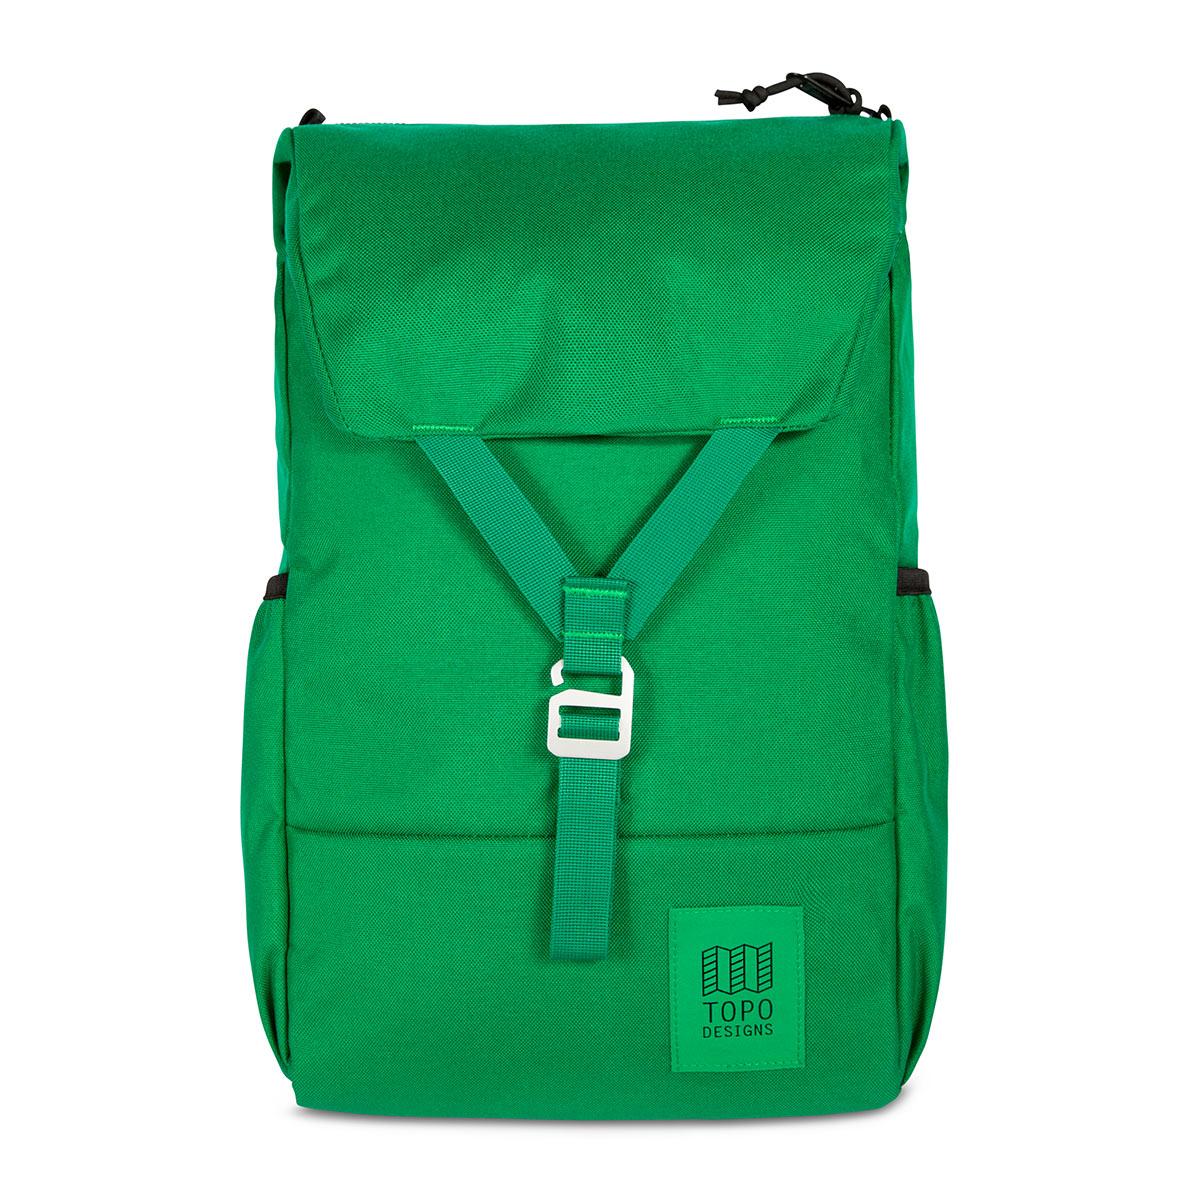 Topo Designs Y-Pack Green/Green fijne dagrugzak met een brede klep en éénpunts sluiting